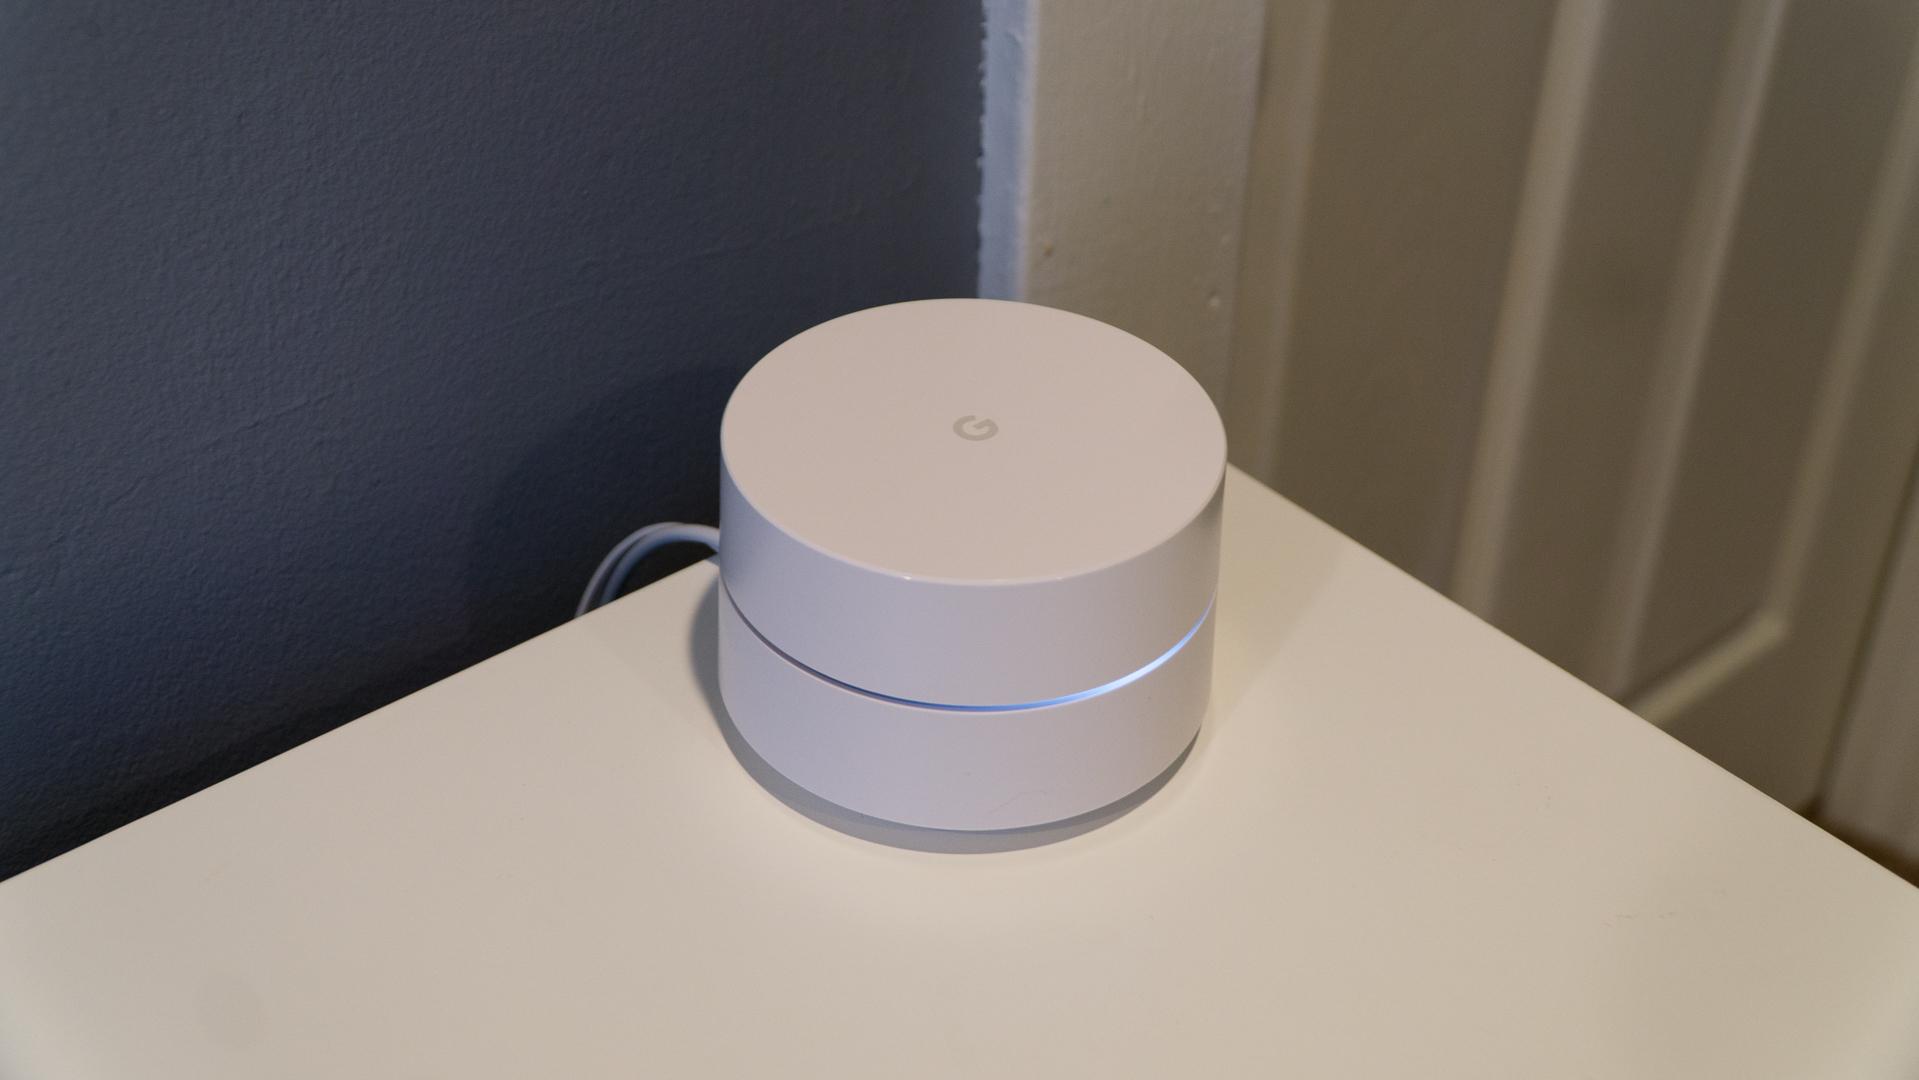 Google Wifi - myOurReview